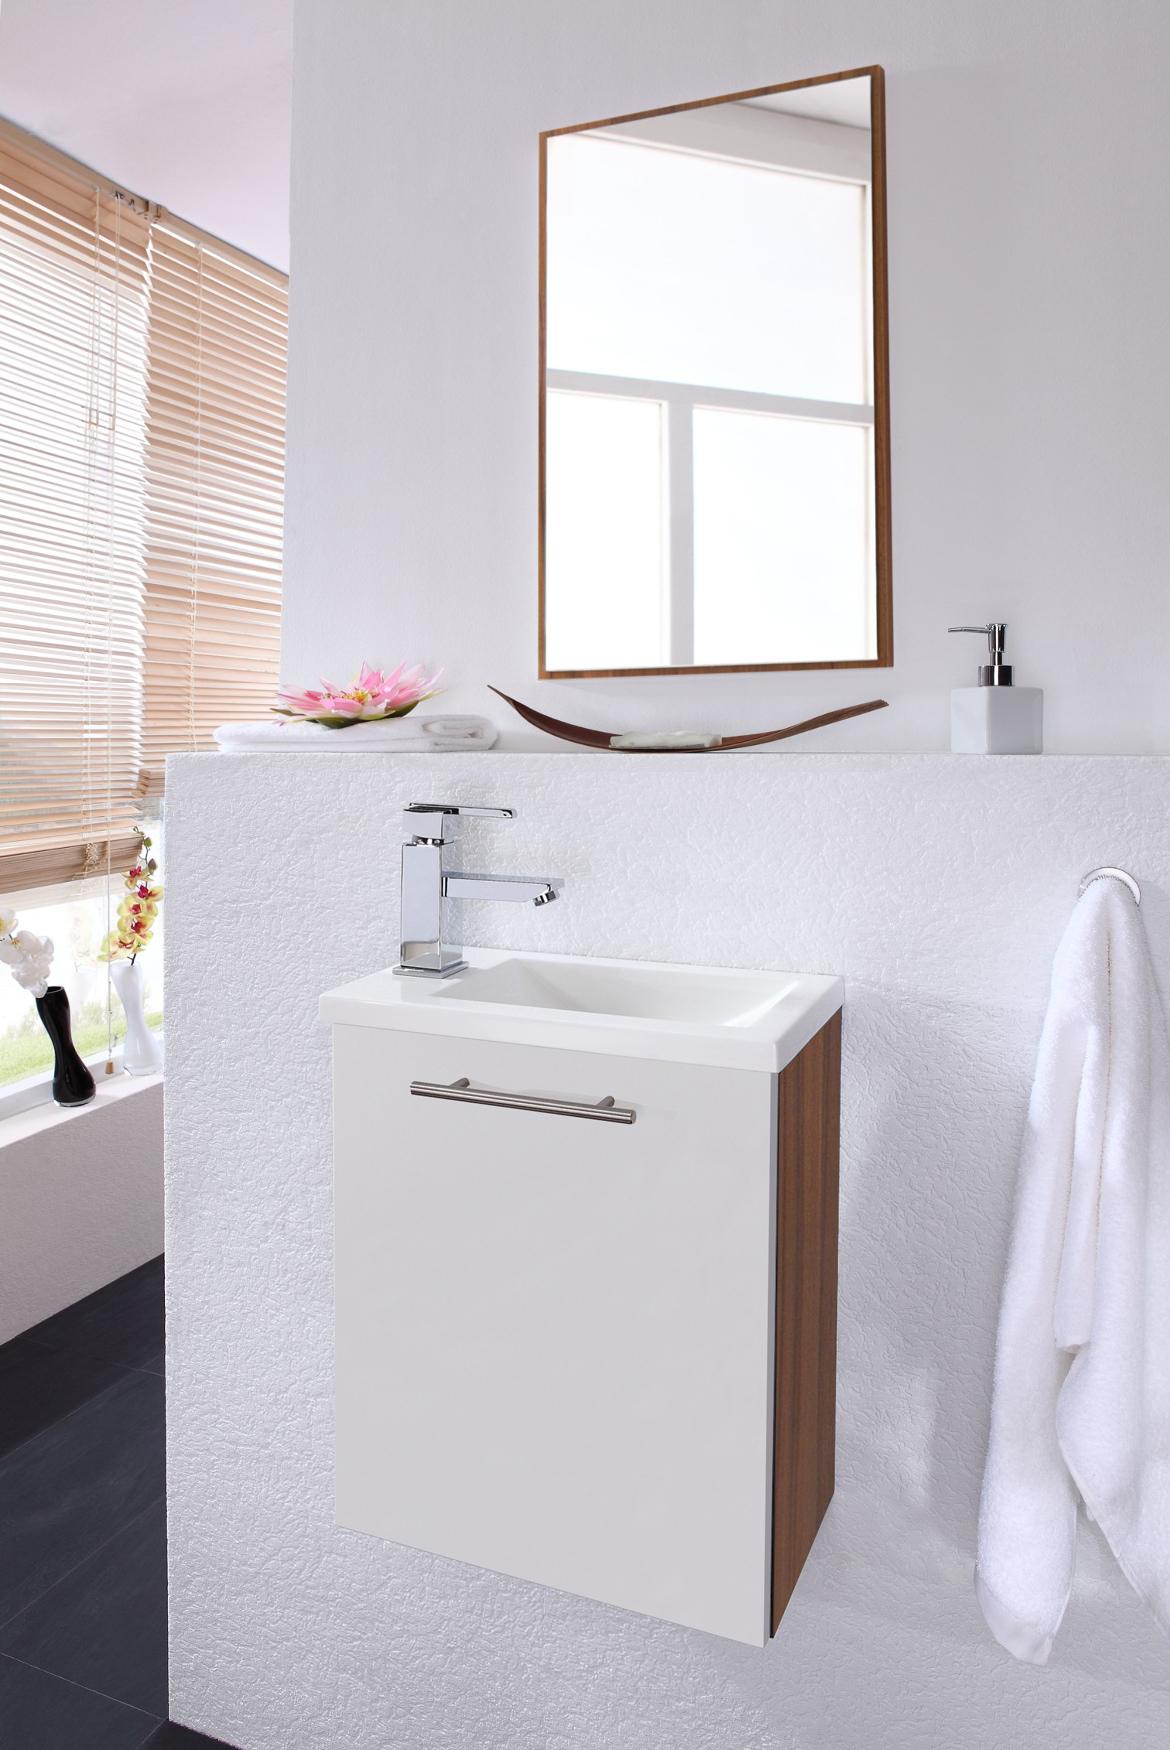 waschbecken g ste wc waschtisch und spiegelpaneel. Black Bedroom Furniture Sets. Home Design Ideas